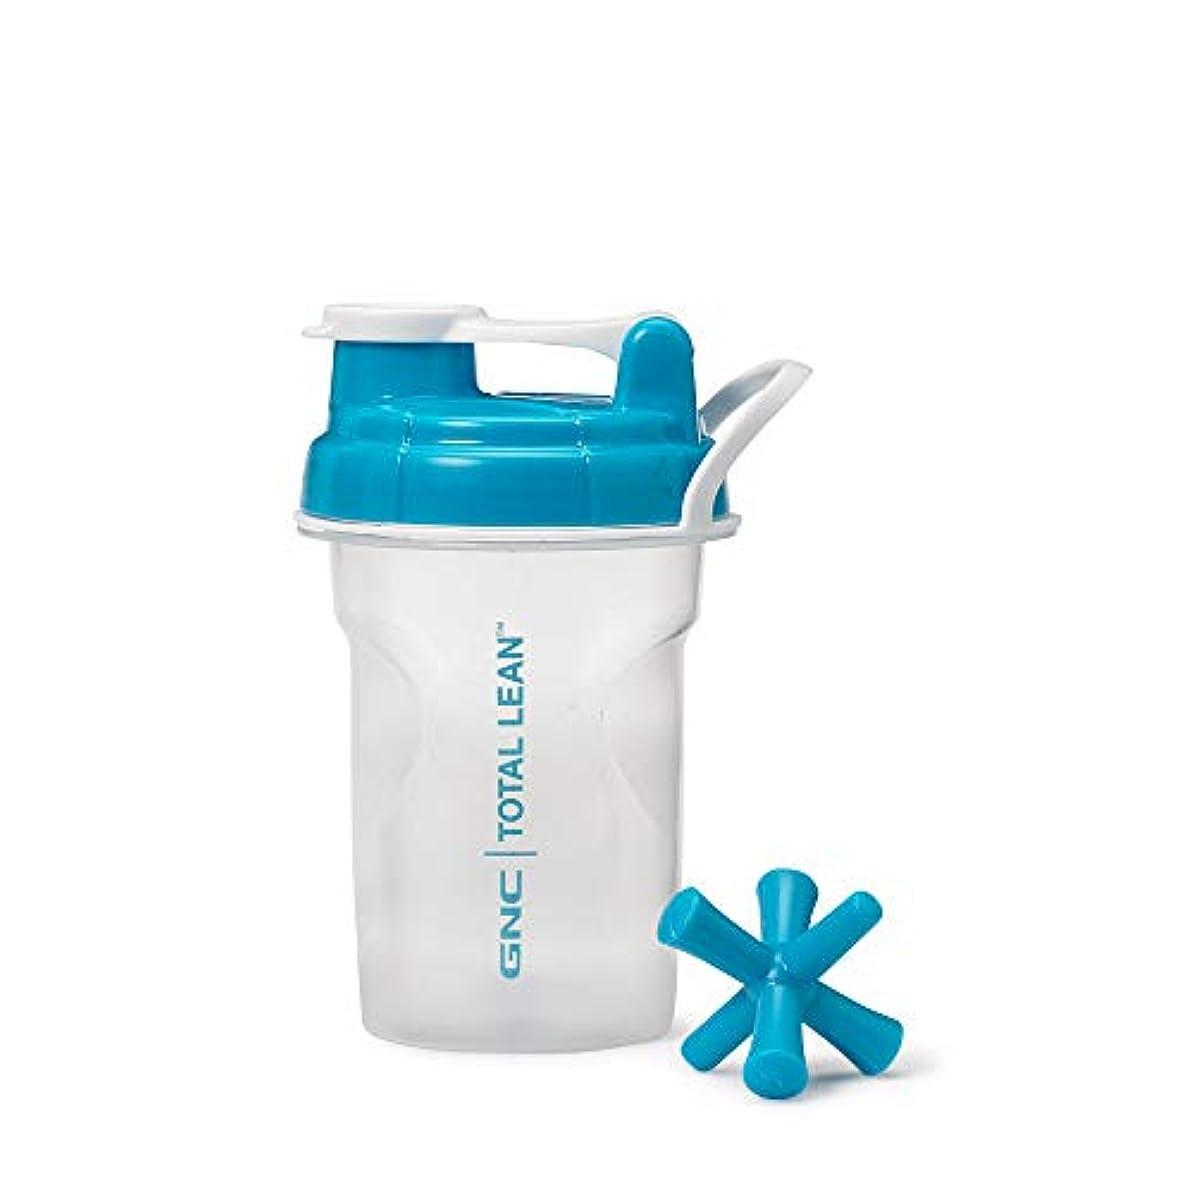 。ハムファンネルウェブスパイダーGNC Total Lean Shaker Cup – ブルー